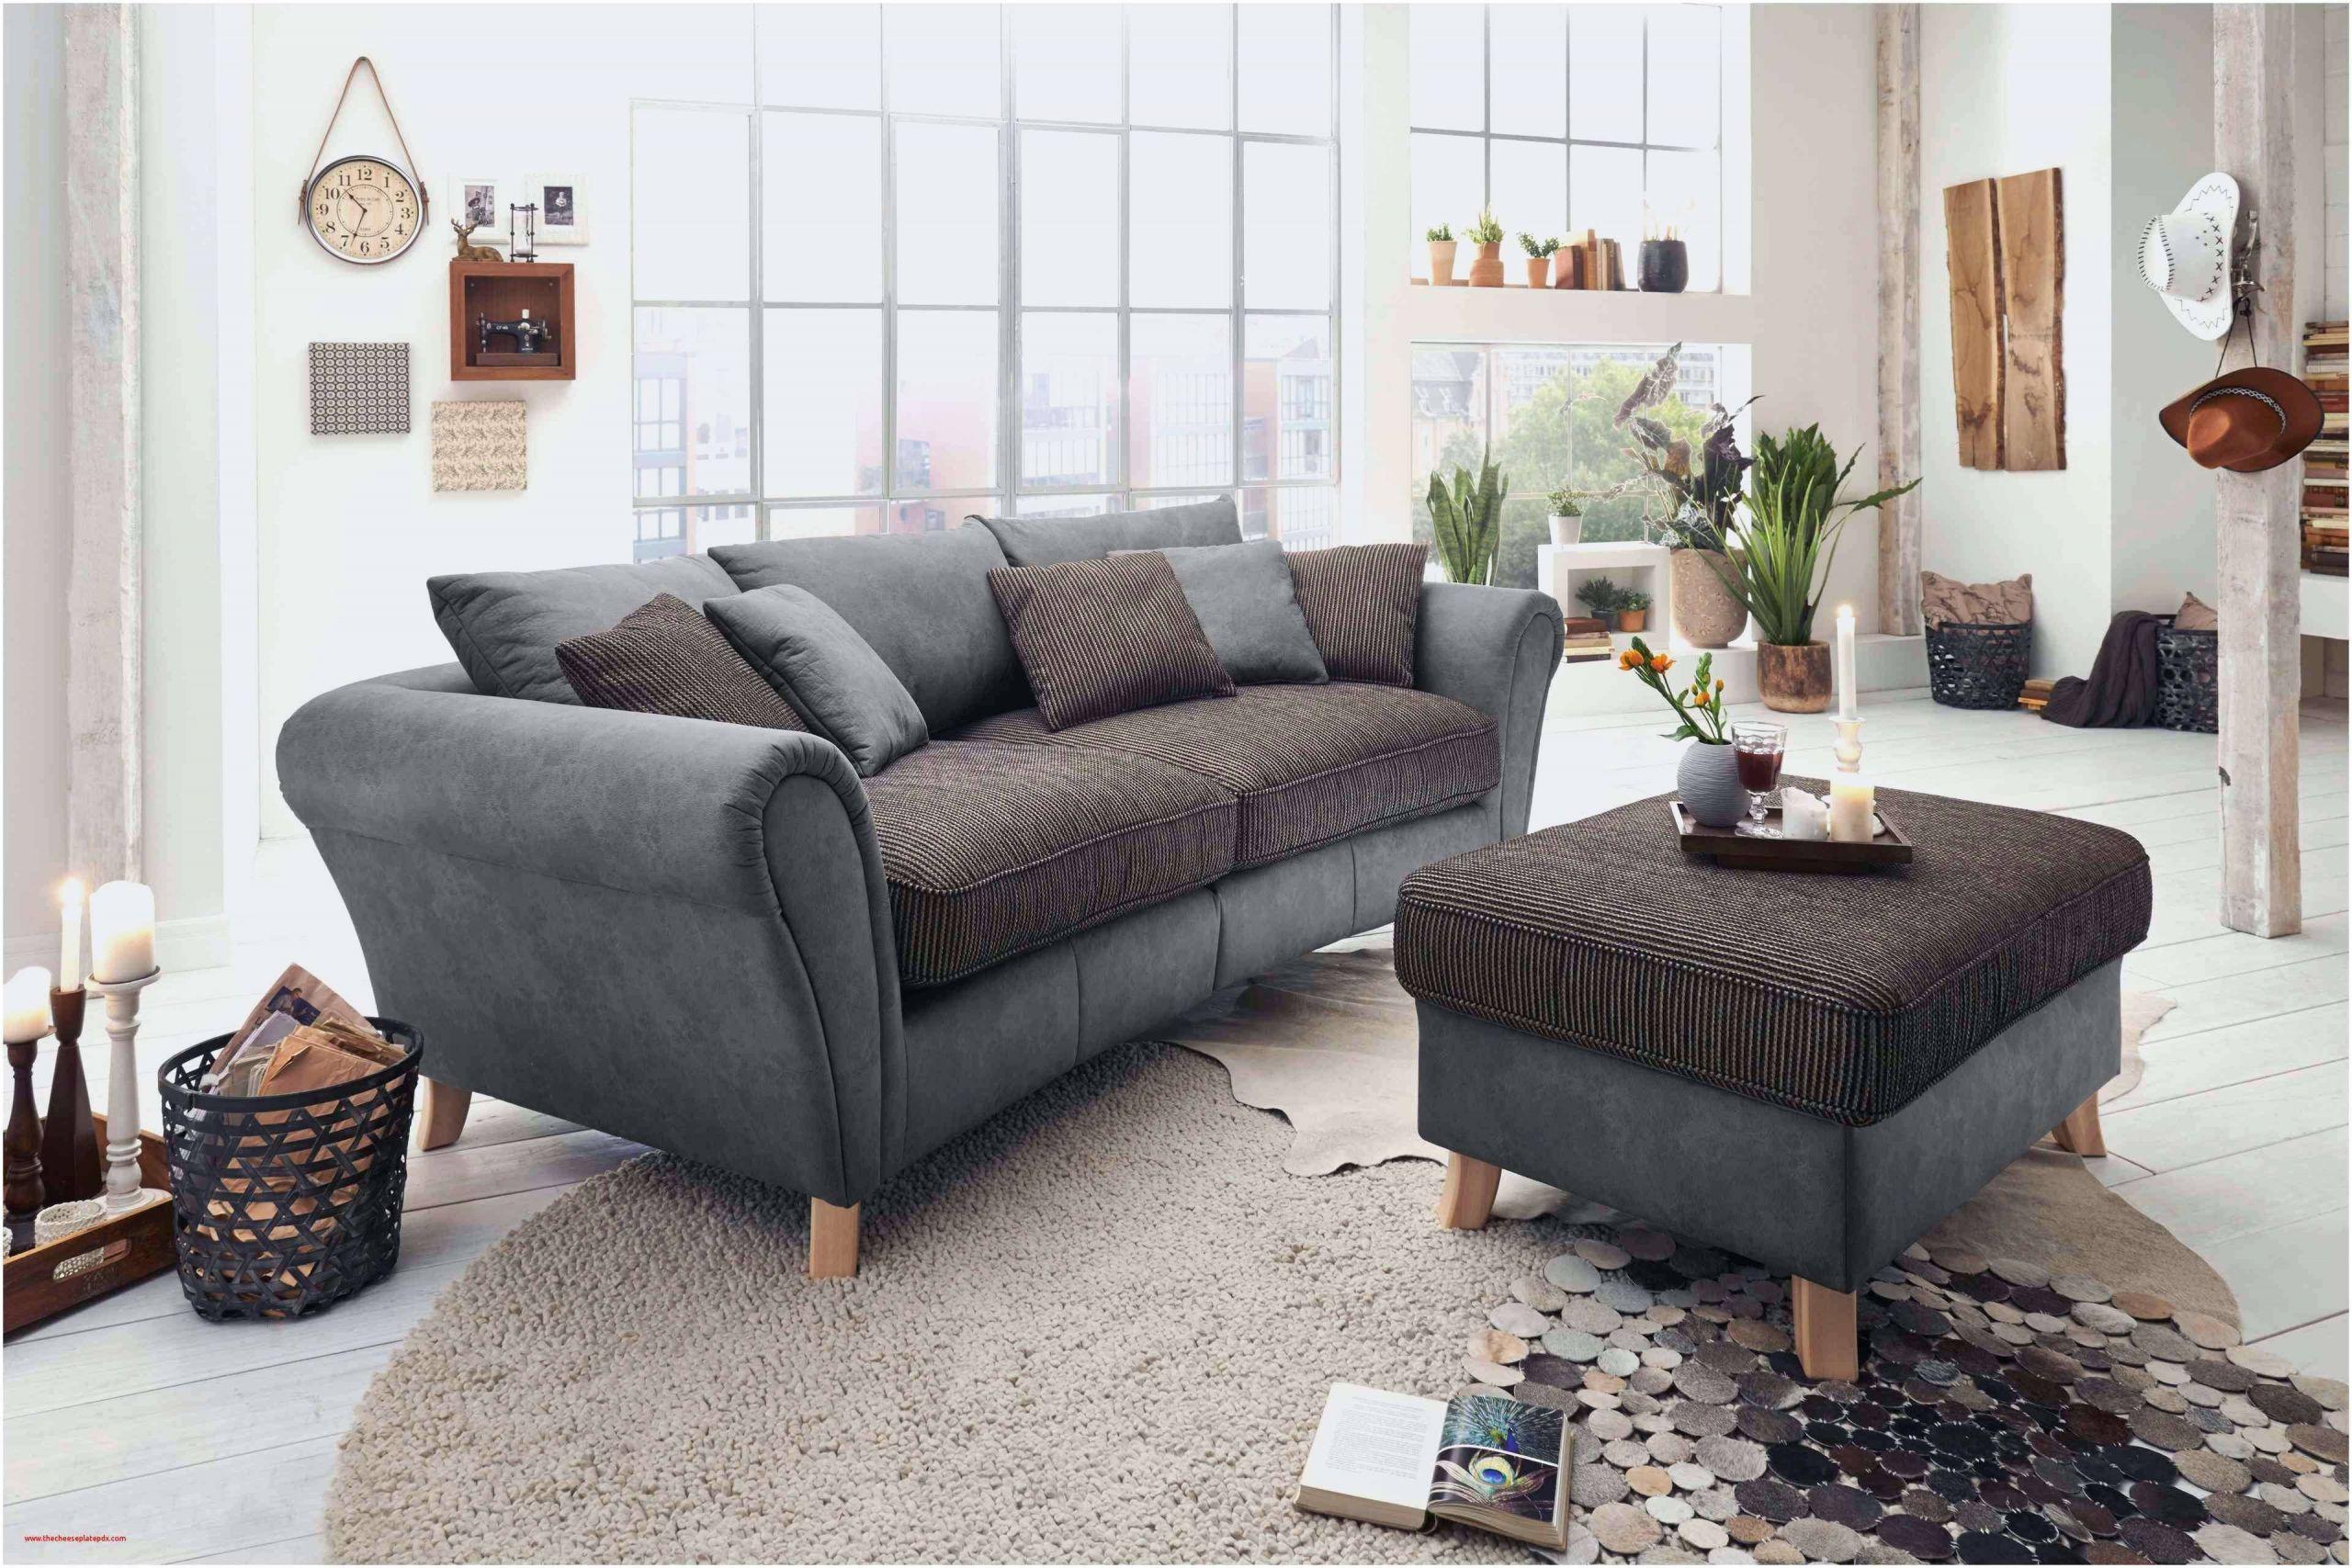 wohnzimmer deko dunkelgrun fresh ecksofa modern of wohnzimmer deko dunkelgrun